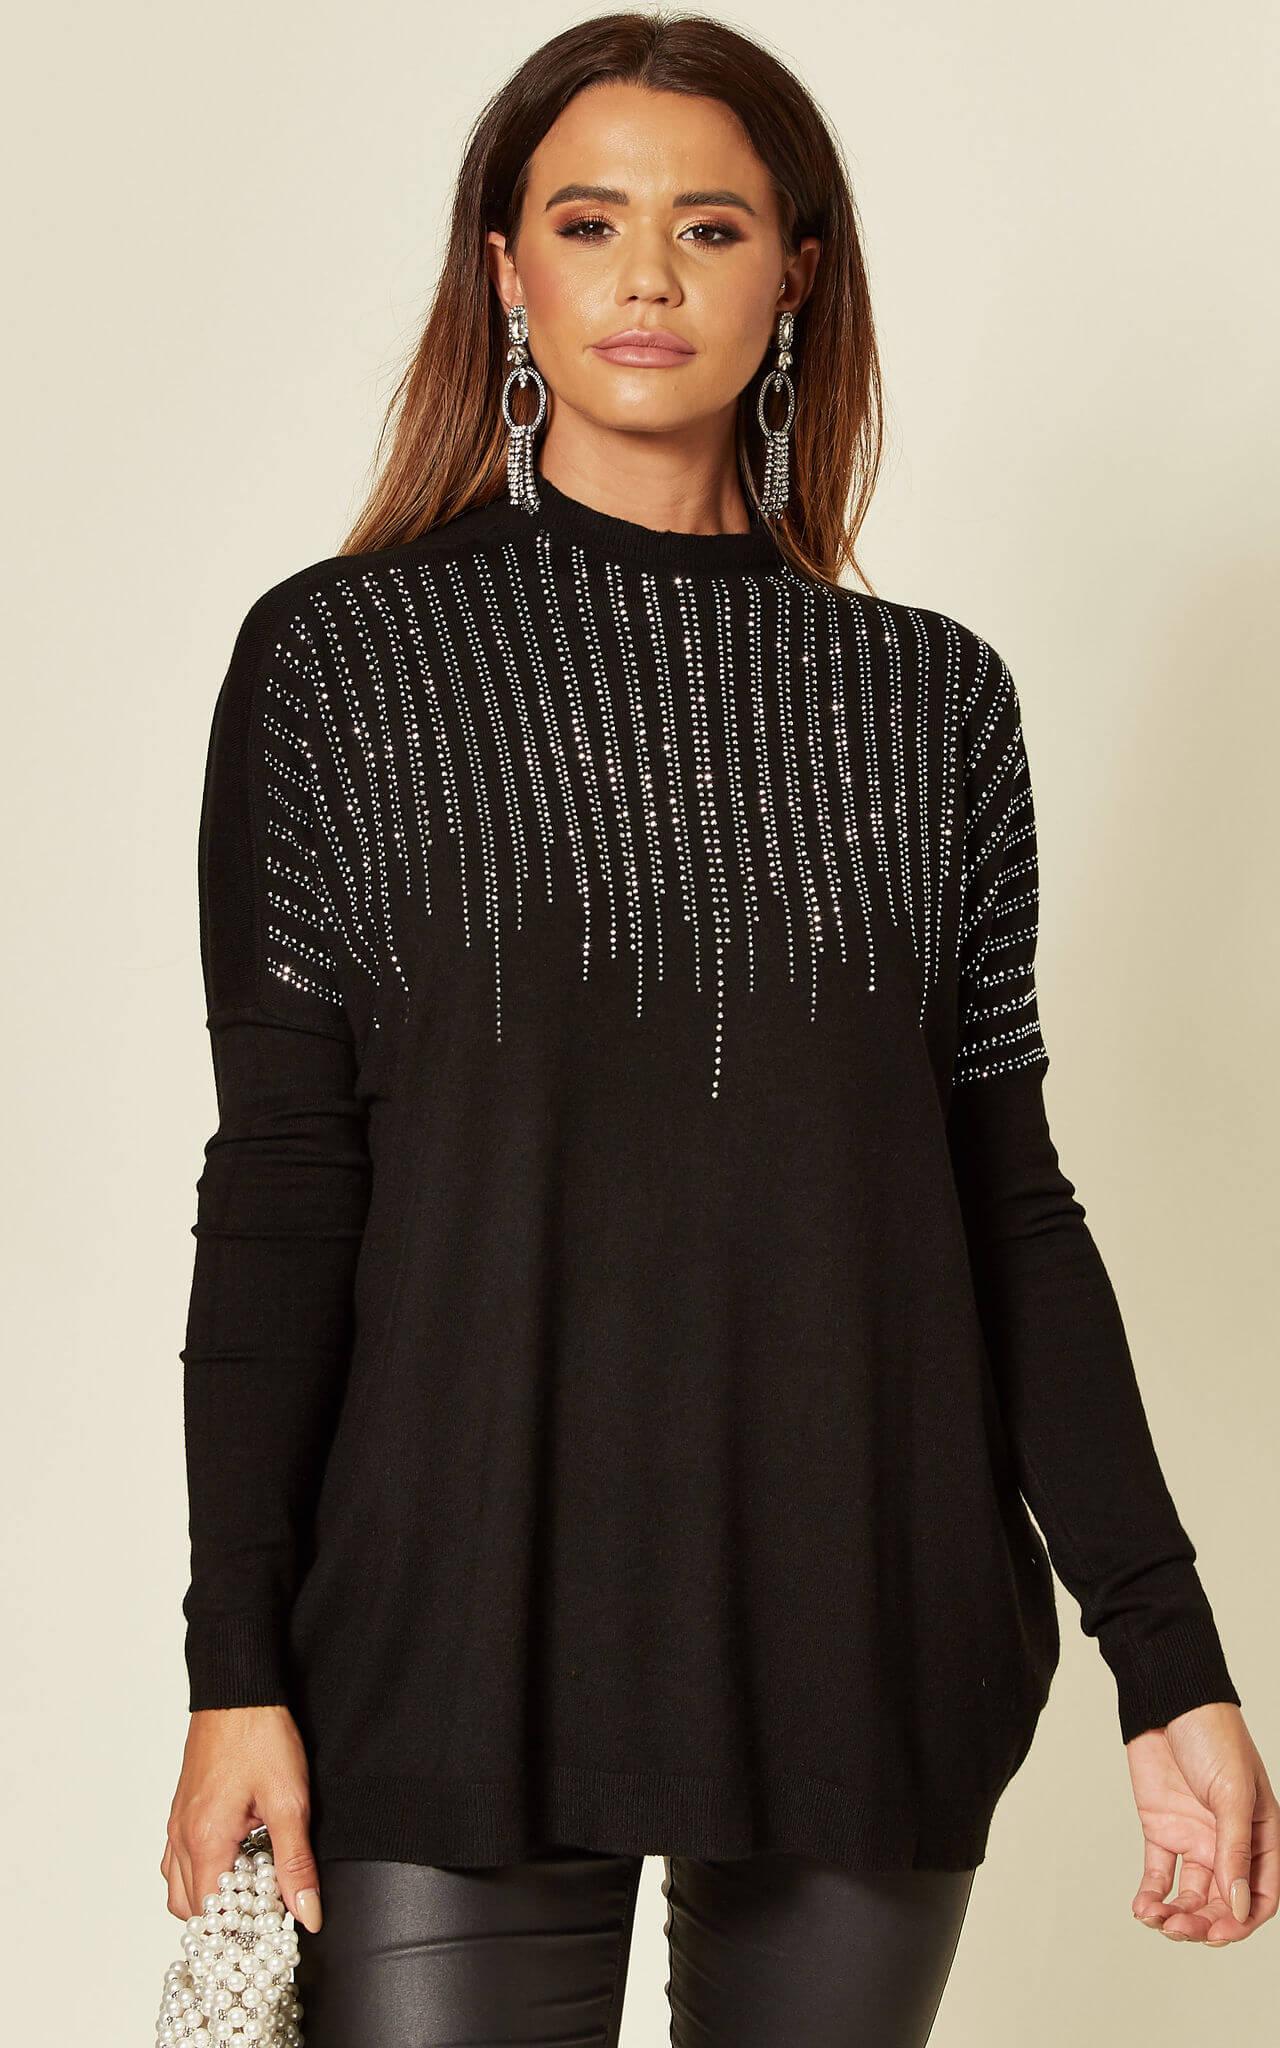 Model wears a black embellished jumper with black jeans